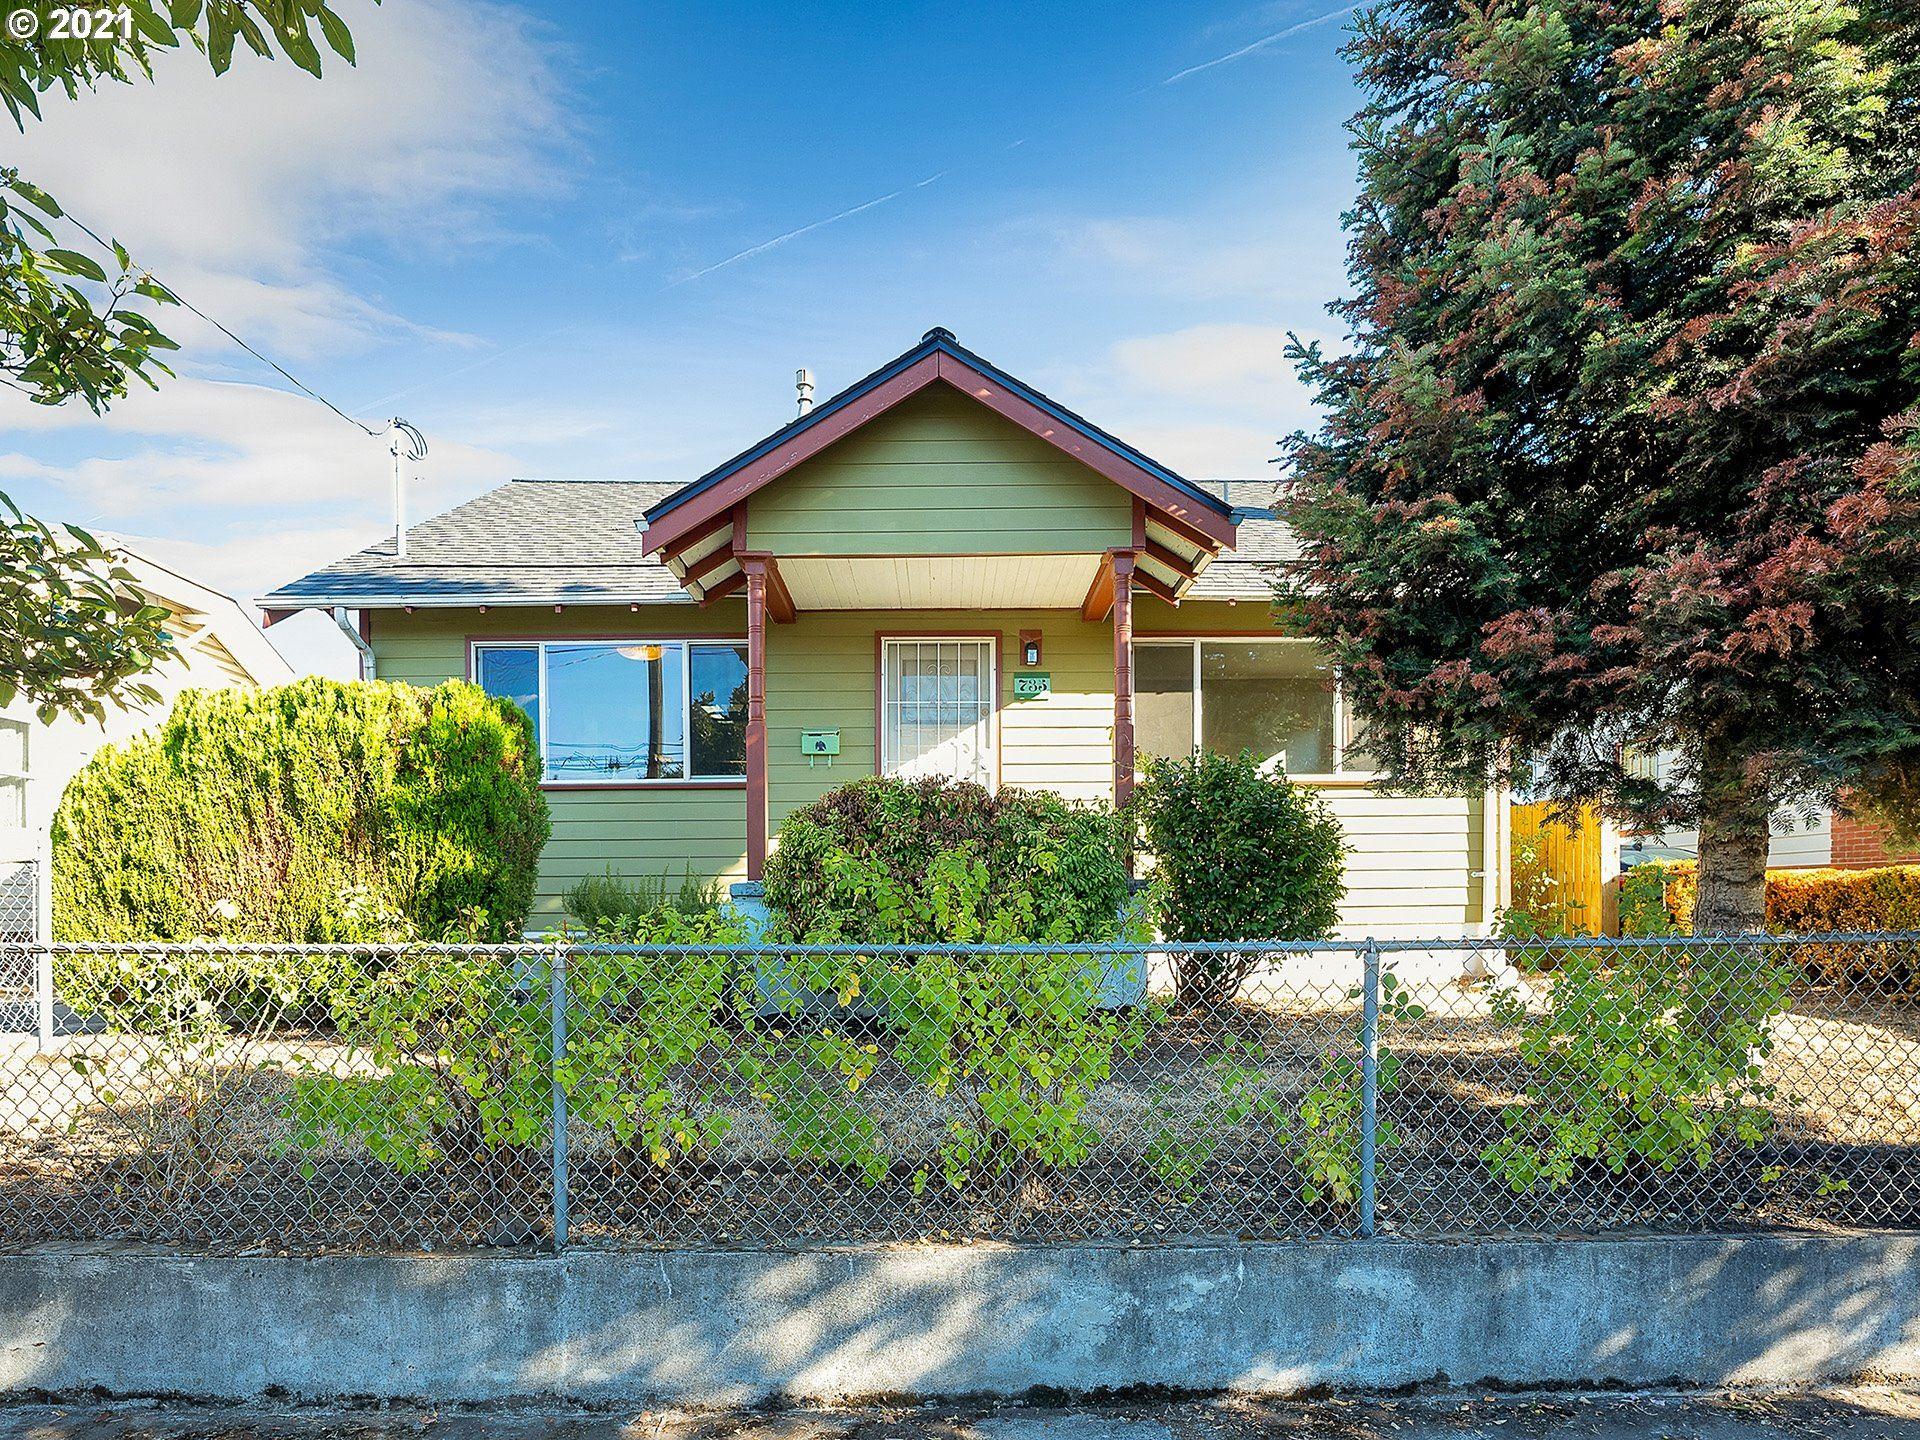 735 NE KILLINGSWORTH ST, Portland, OR 97211 - MLS#: 21490553